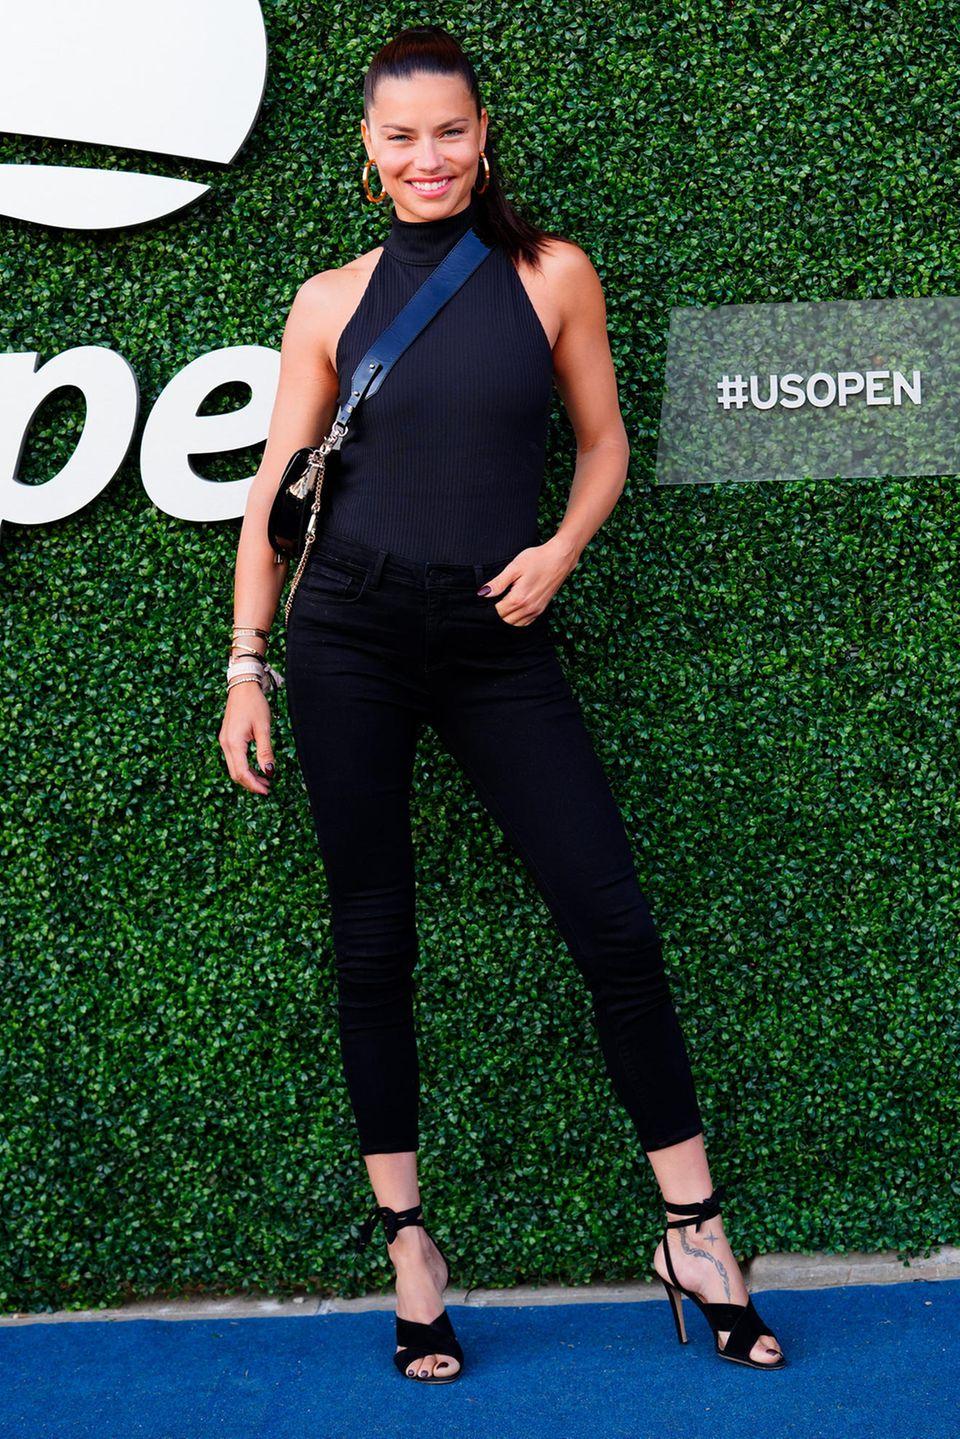 Zu den prominenten Zuschauern bei dem berühmten Tennis-Turnier zählt auch Topmodel Adriana Lima.